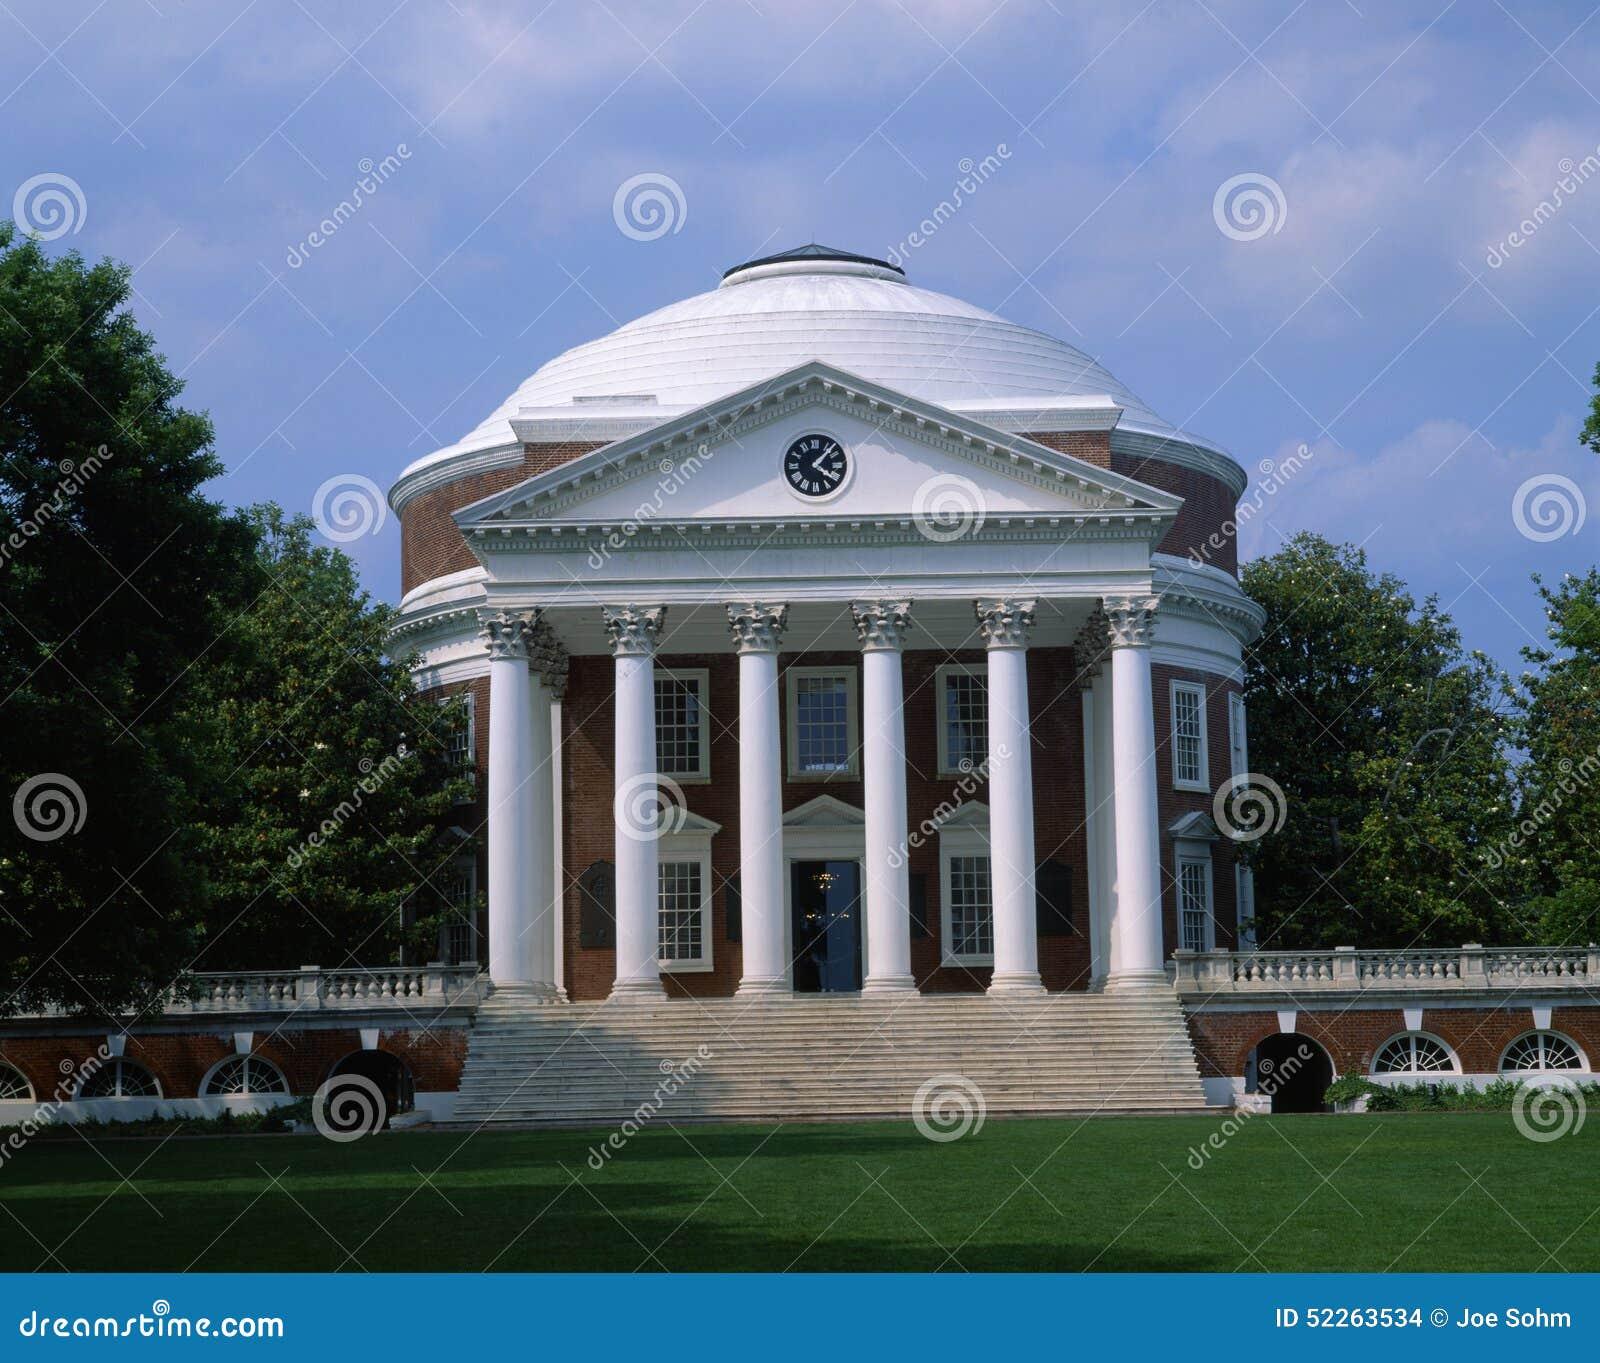 弗吉尼亚大学,夏洛特维尔,弗吉尼亚